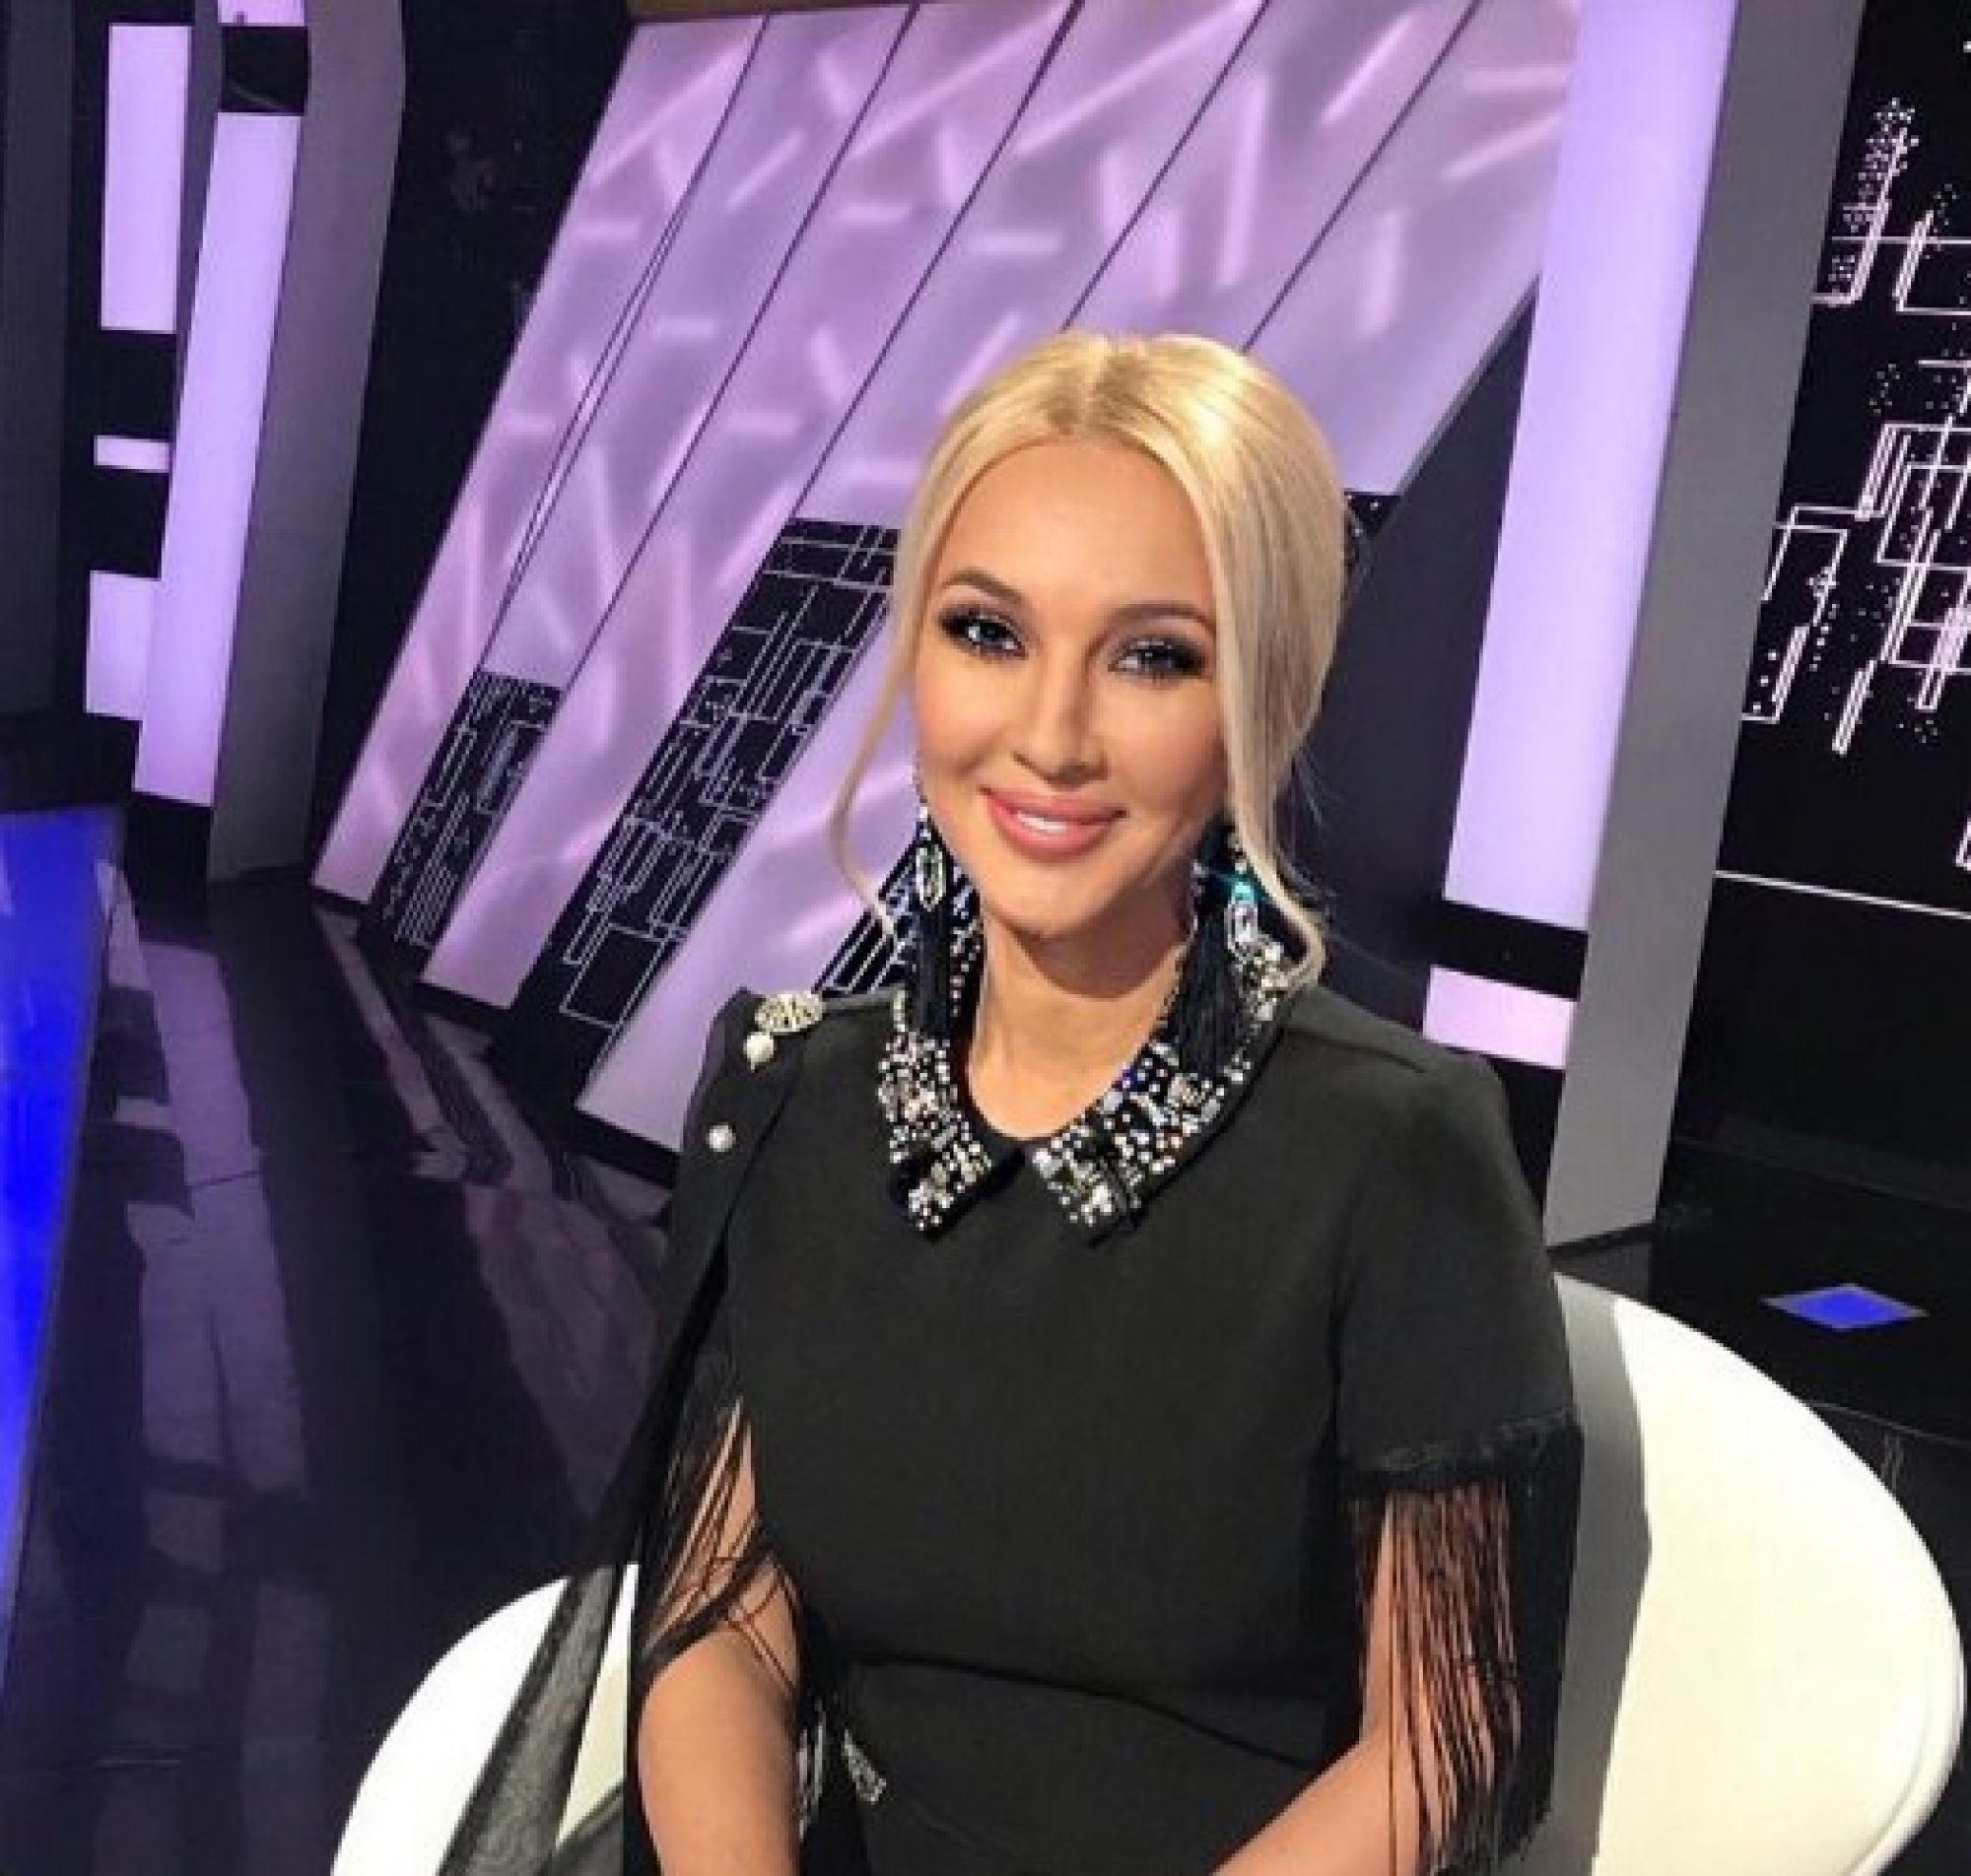 Не для слабонервных: Лера Кудрявцева показала удалённые грудные импланты и отказалась от новой операции